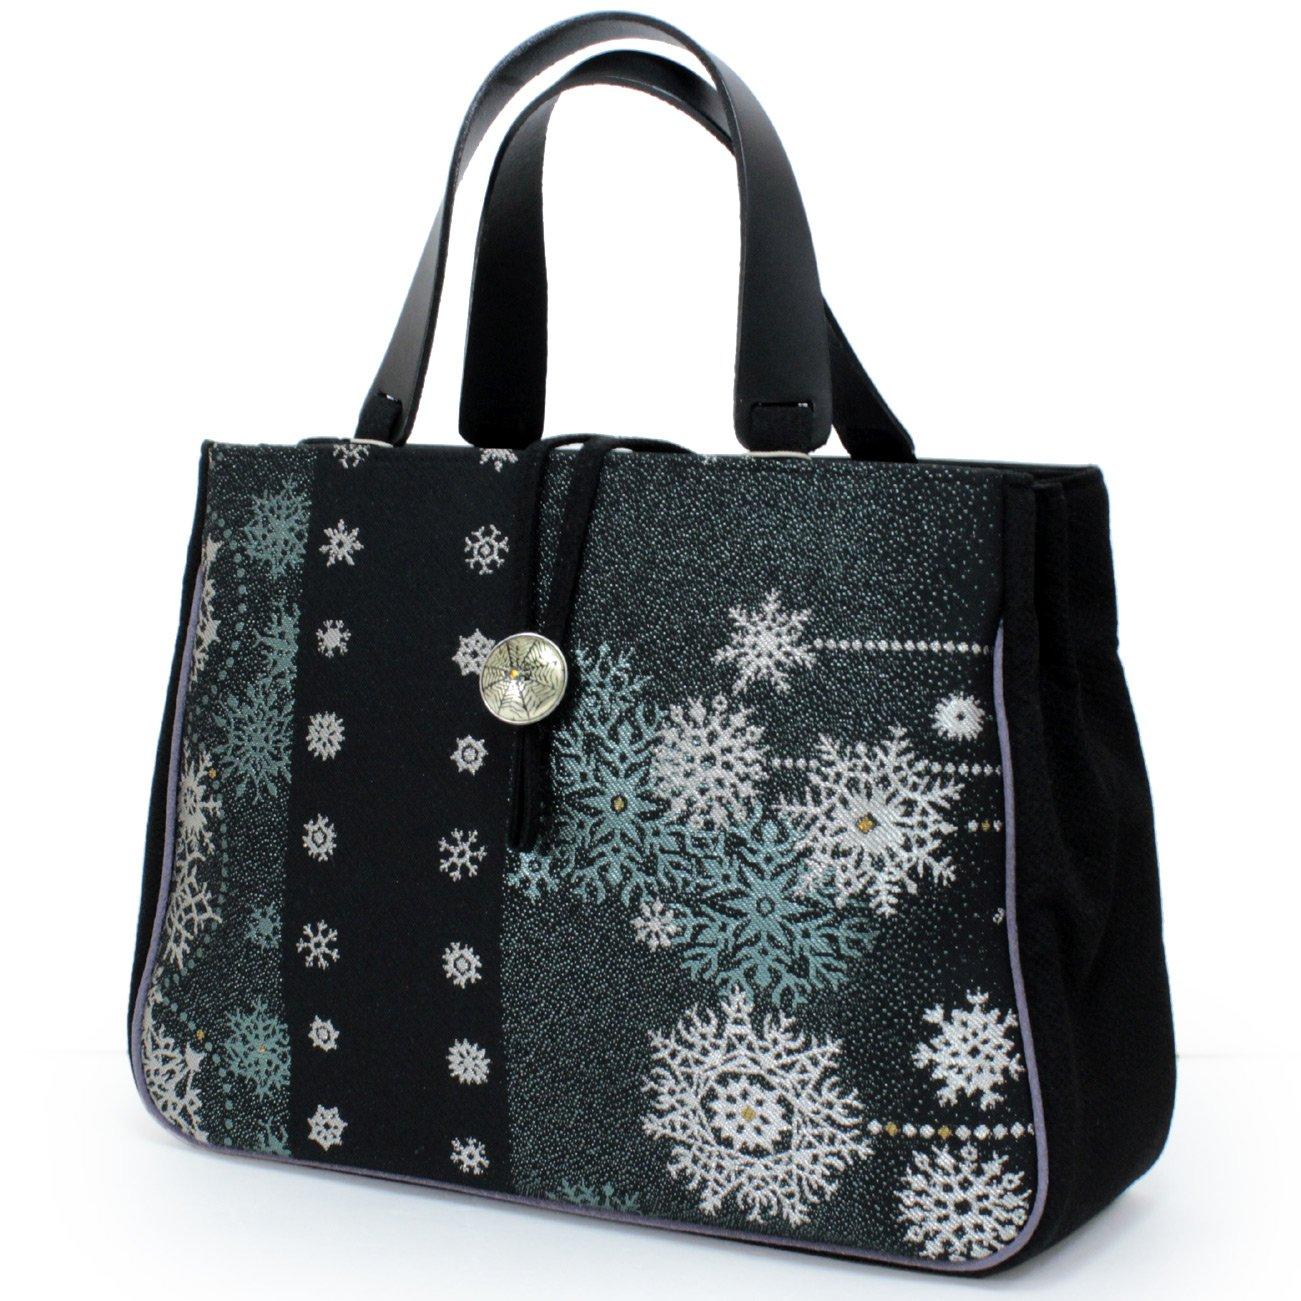 きもの京小町 レディース クリスマス 着物 和装 小物 B077X7H4XC 黒地グリーンシルバー結晶柄 黒地グリーンシルバー結晶柄